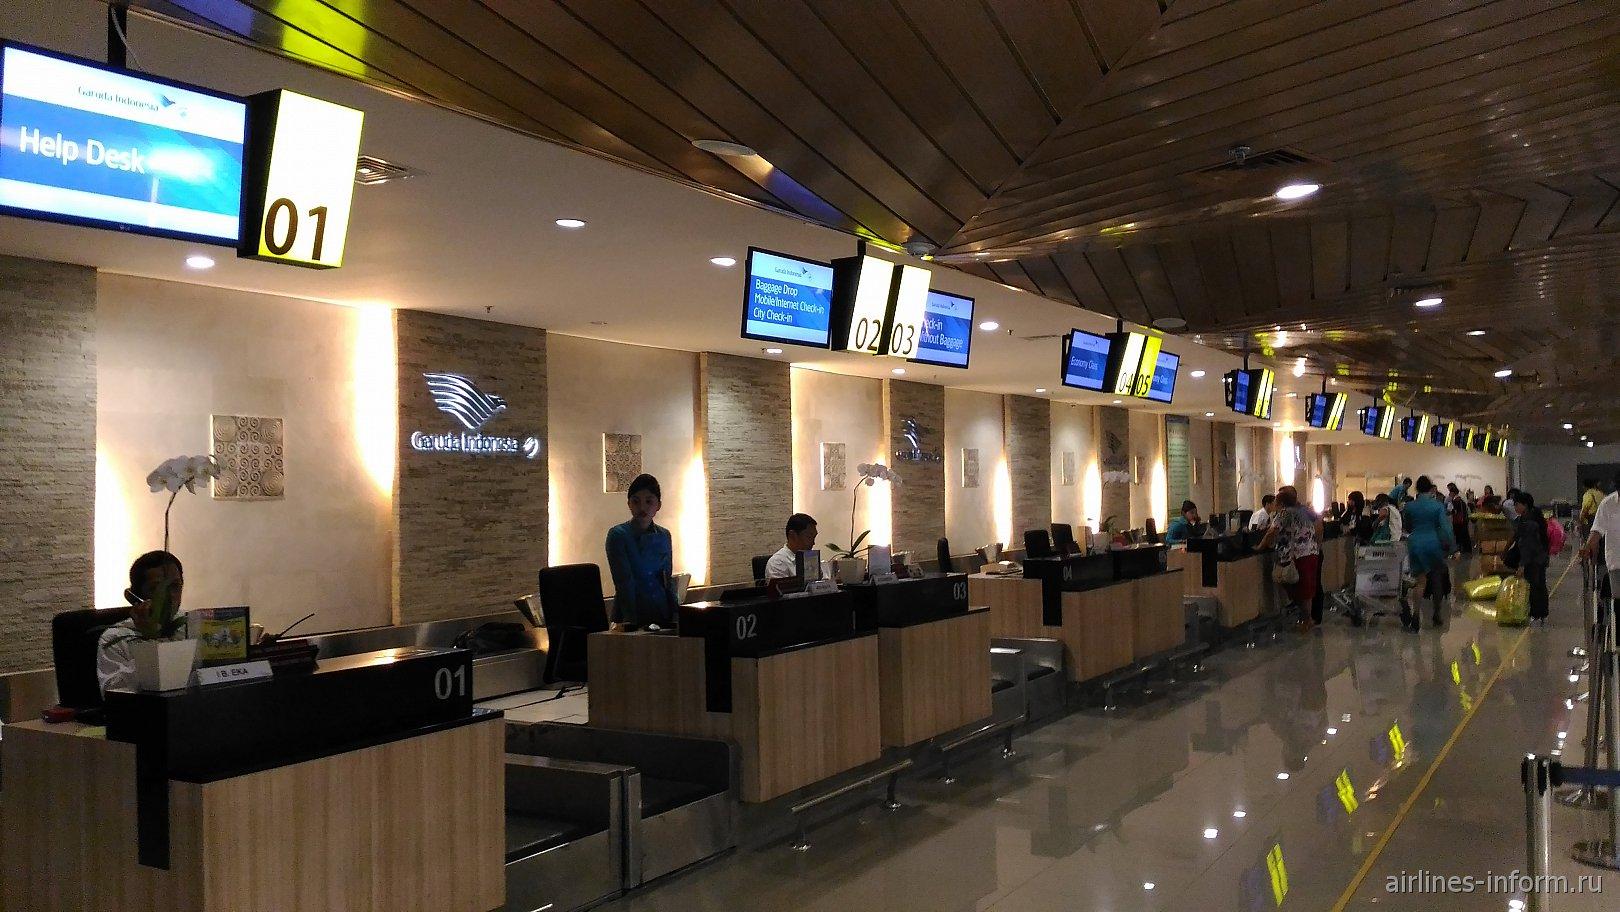 Стойки регистрации авиакомпании Garuda Indonesia в аэропорту Денпасара